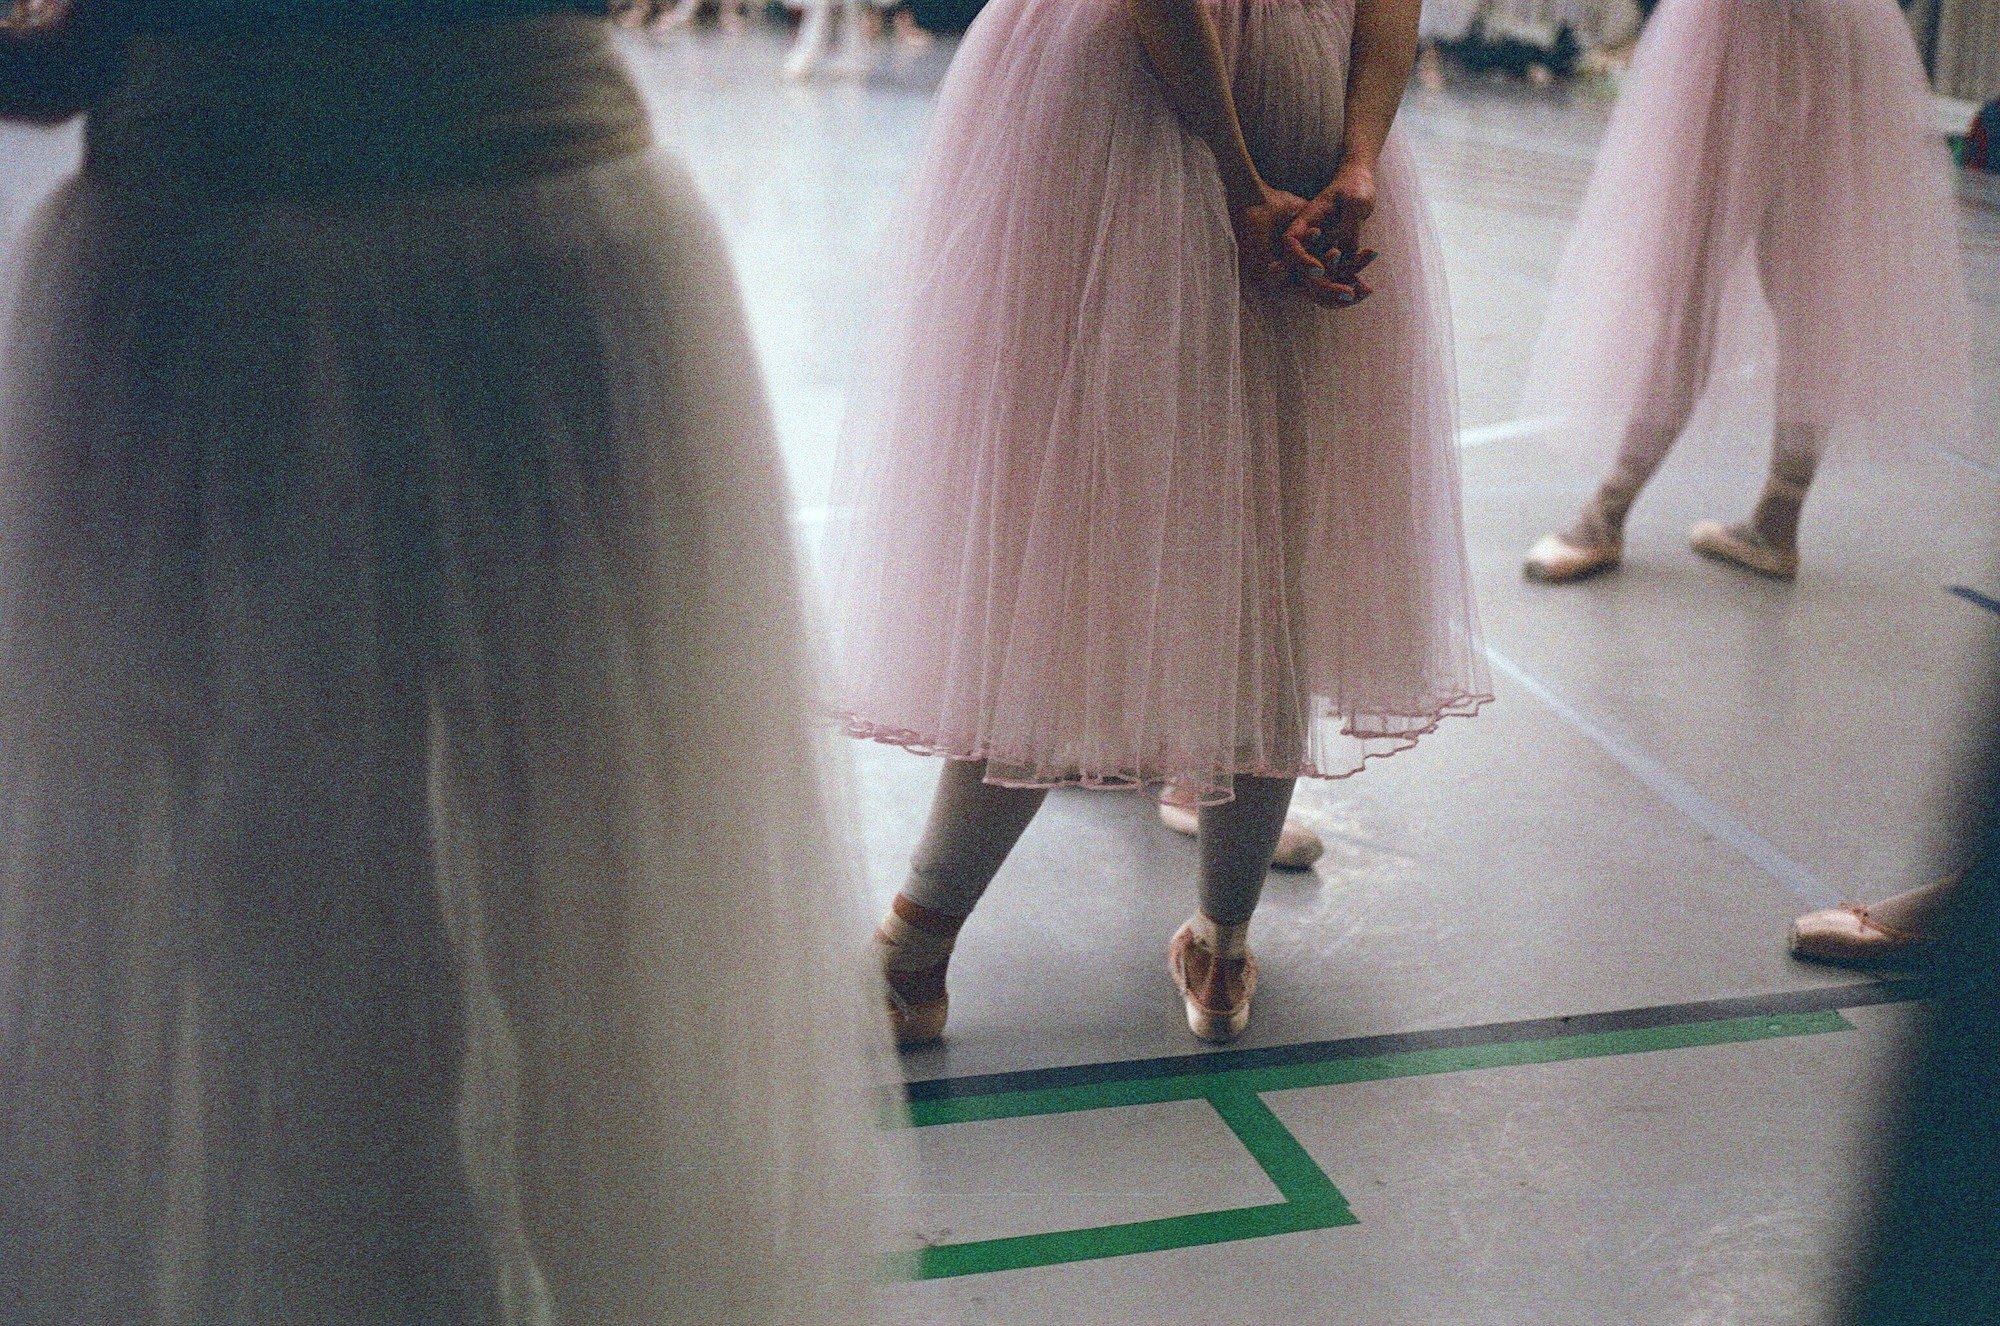 National-Ballet-Giselle-19